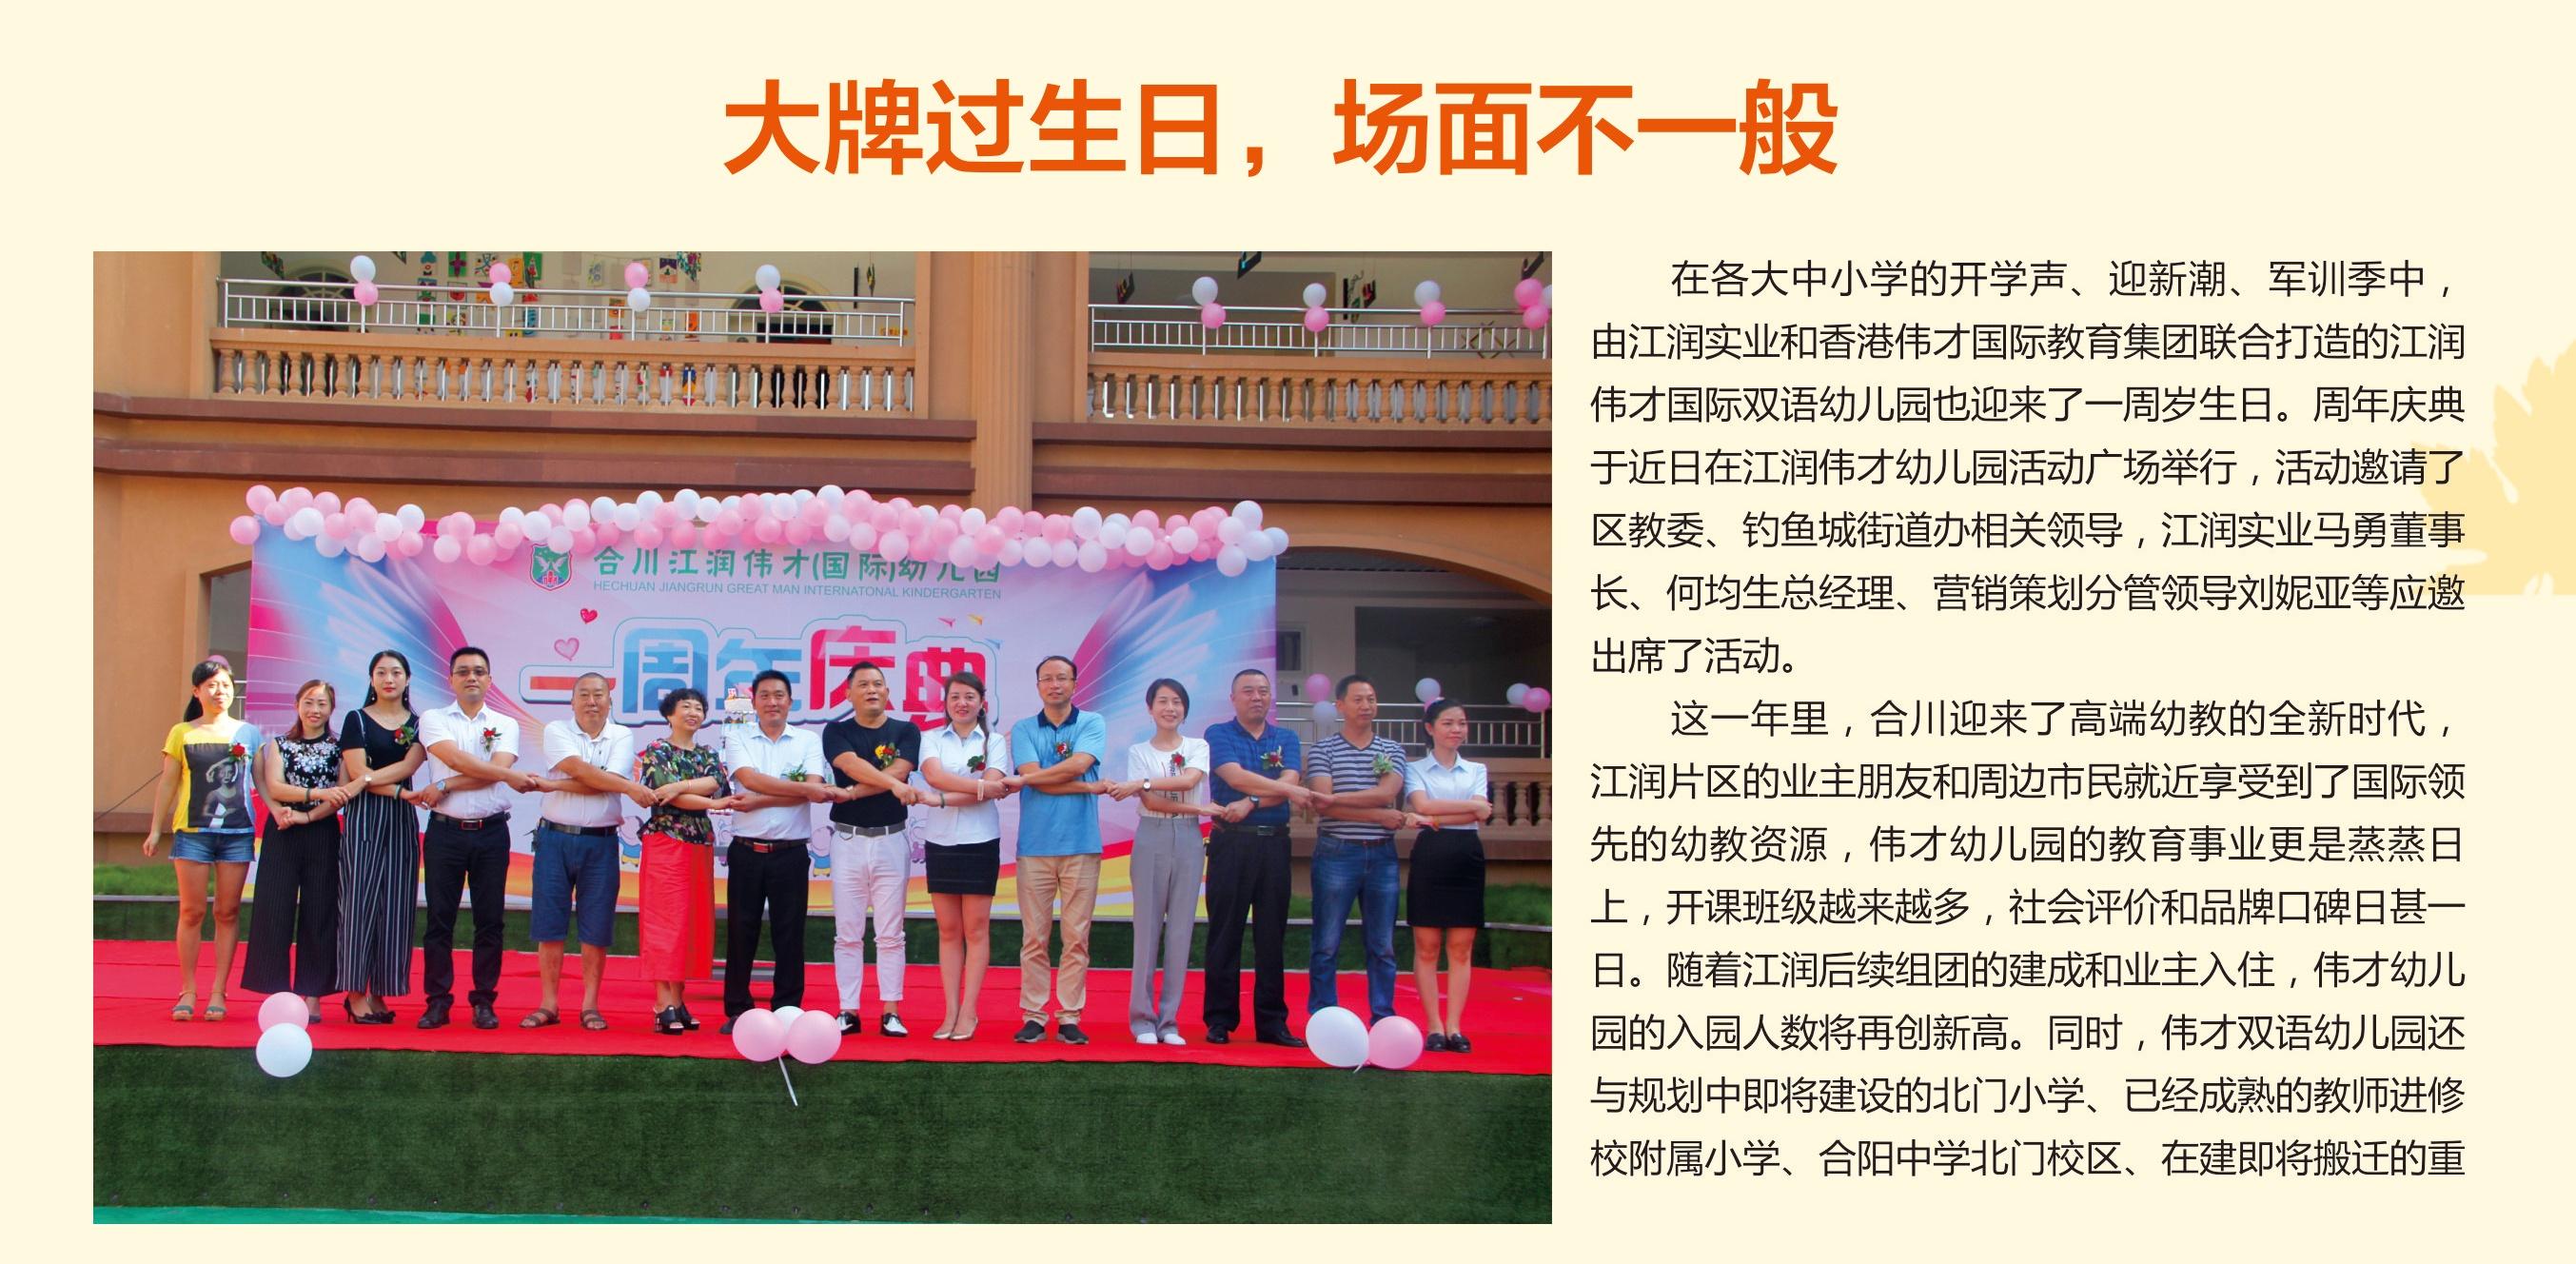 江润伟才国际双语幼儿园周年庆活动